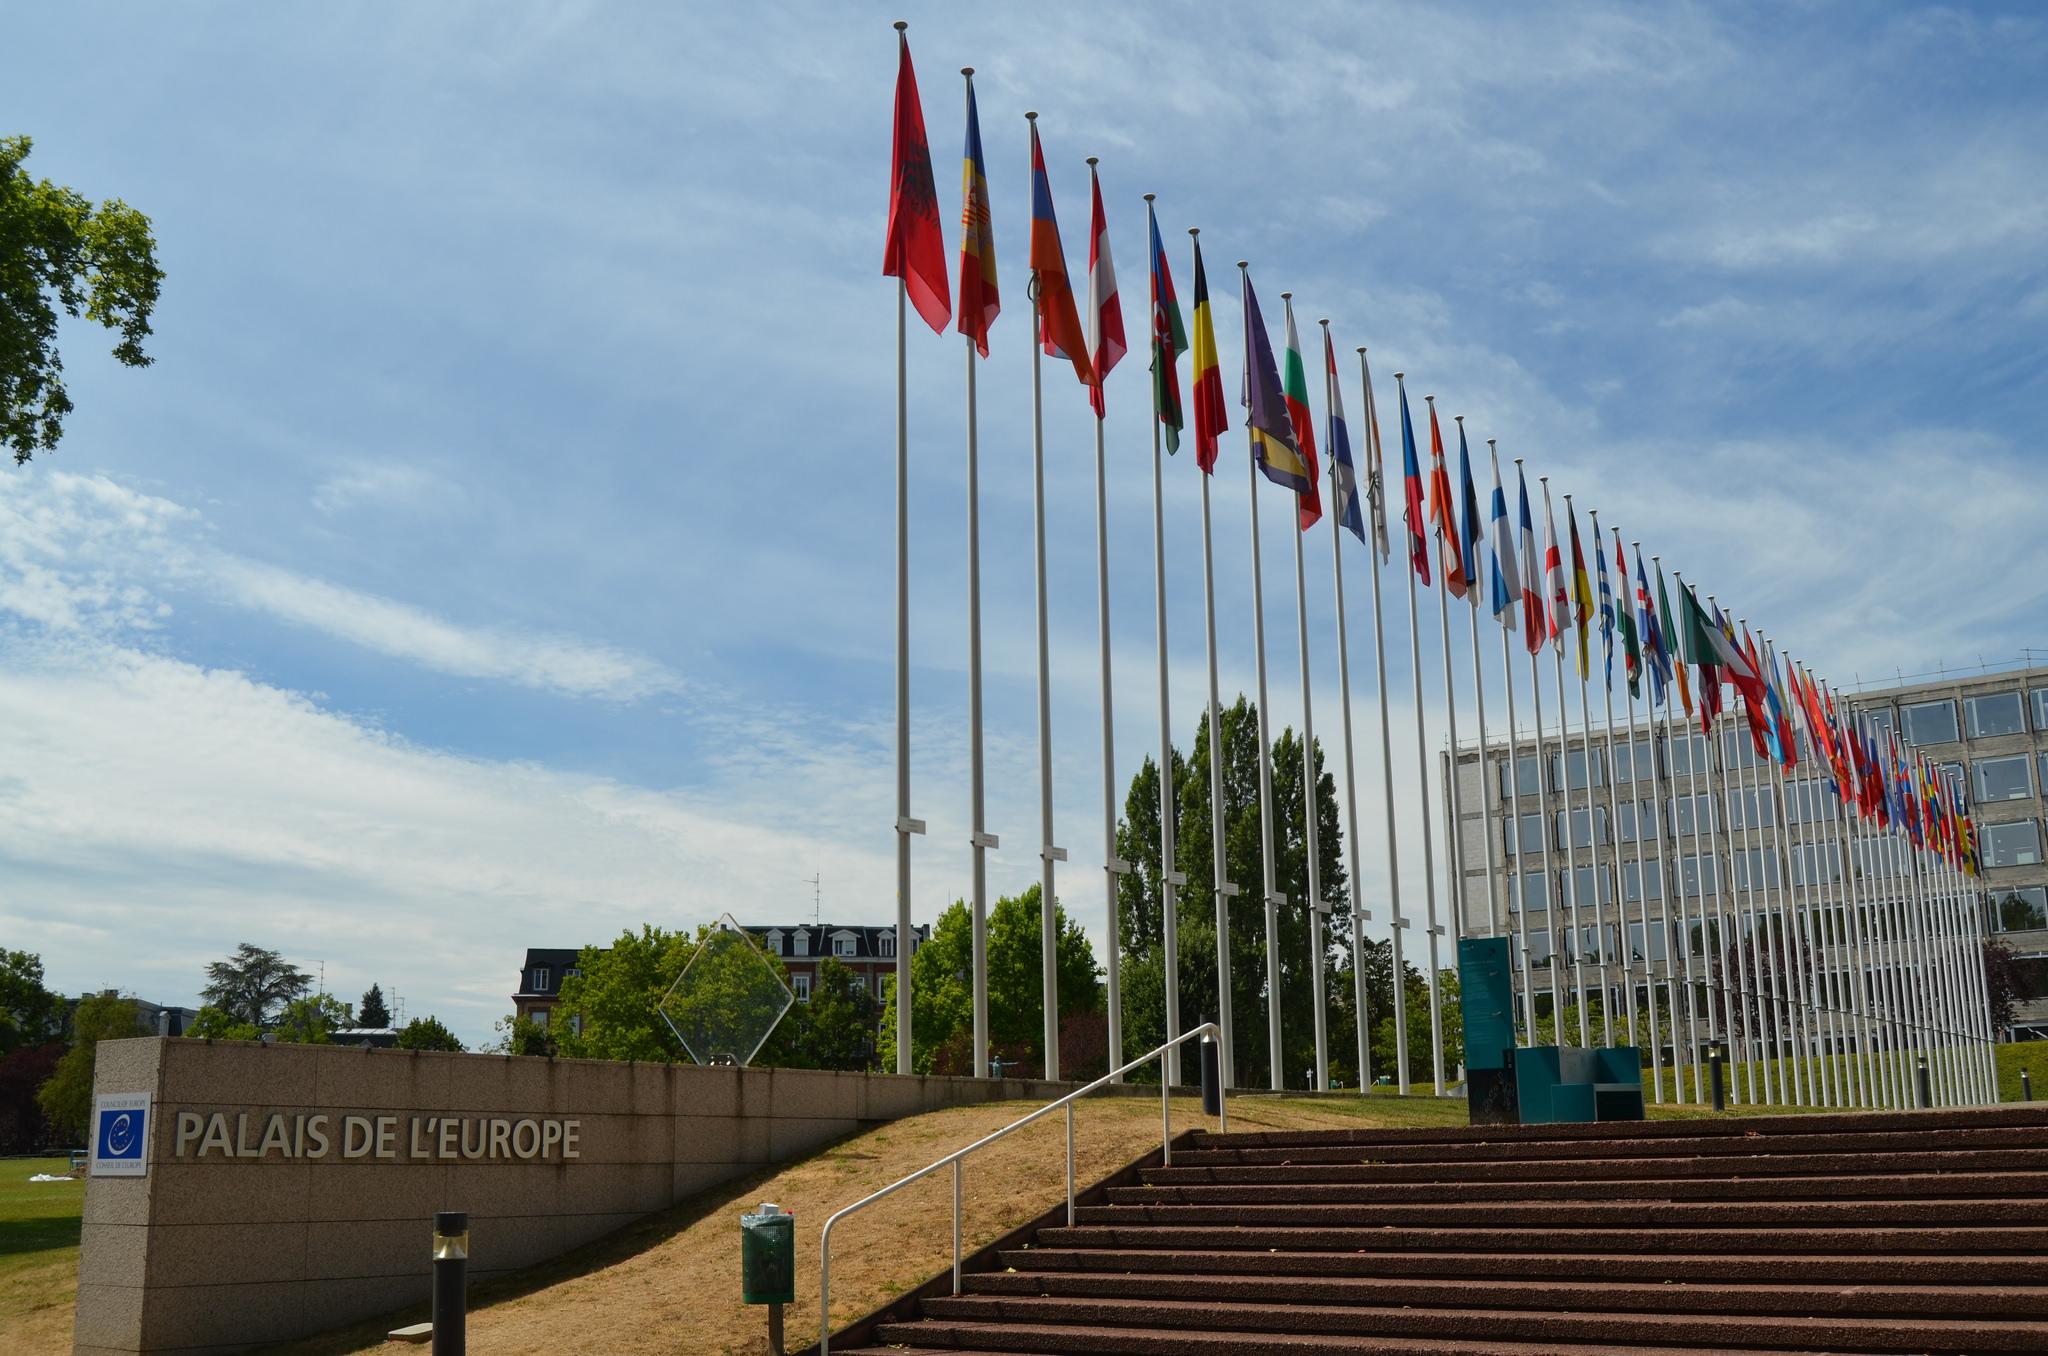 Polen soll sich jetzt wegen seines Mediengesetzes vor dem Europarat rechtfertigen.